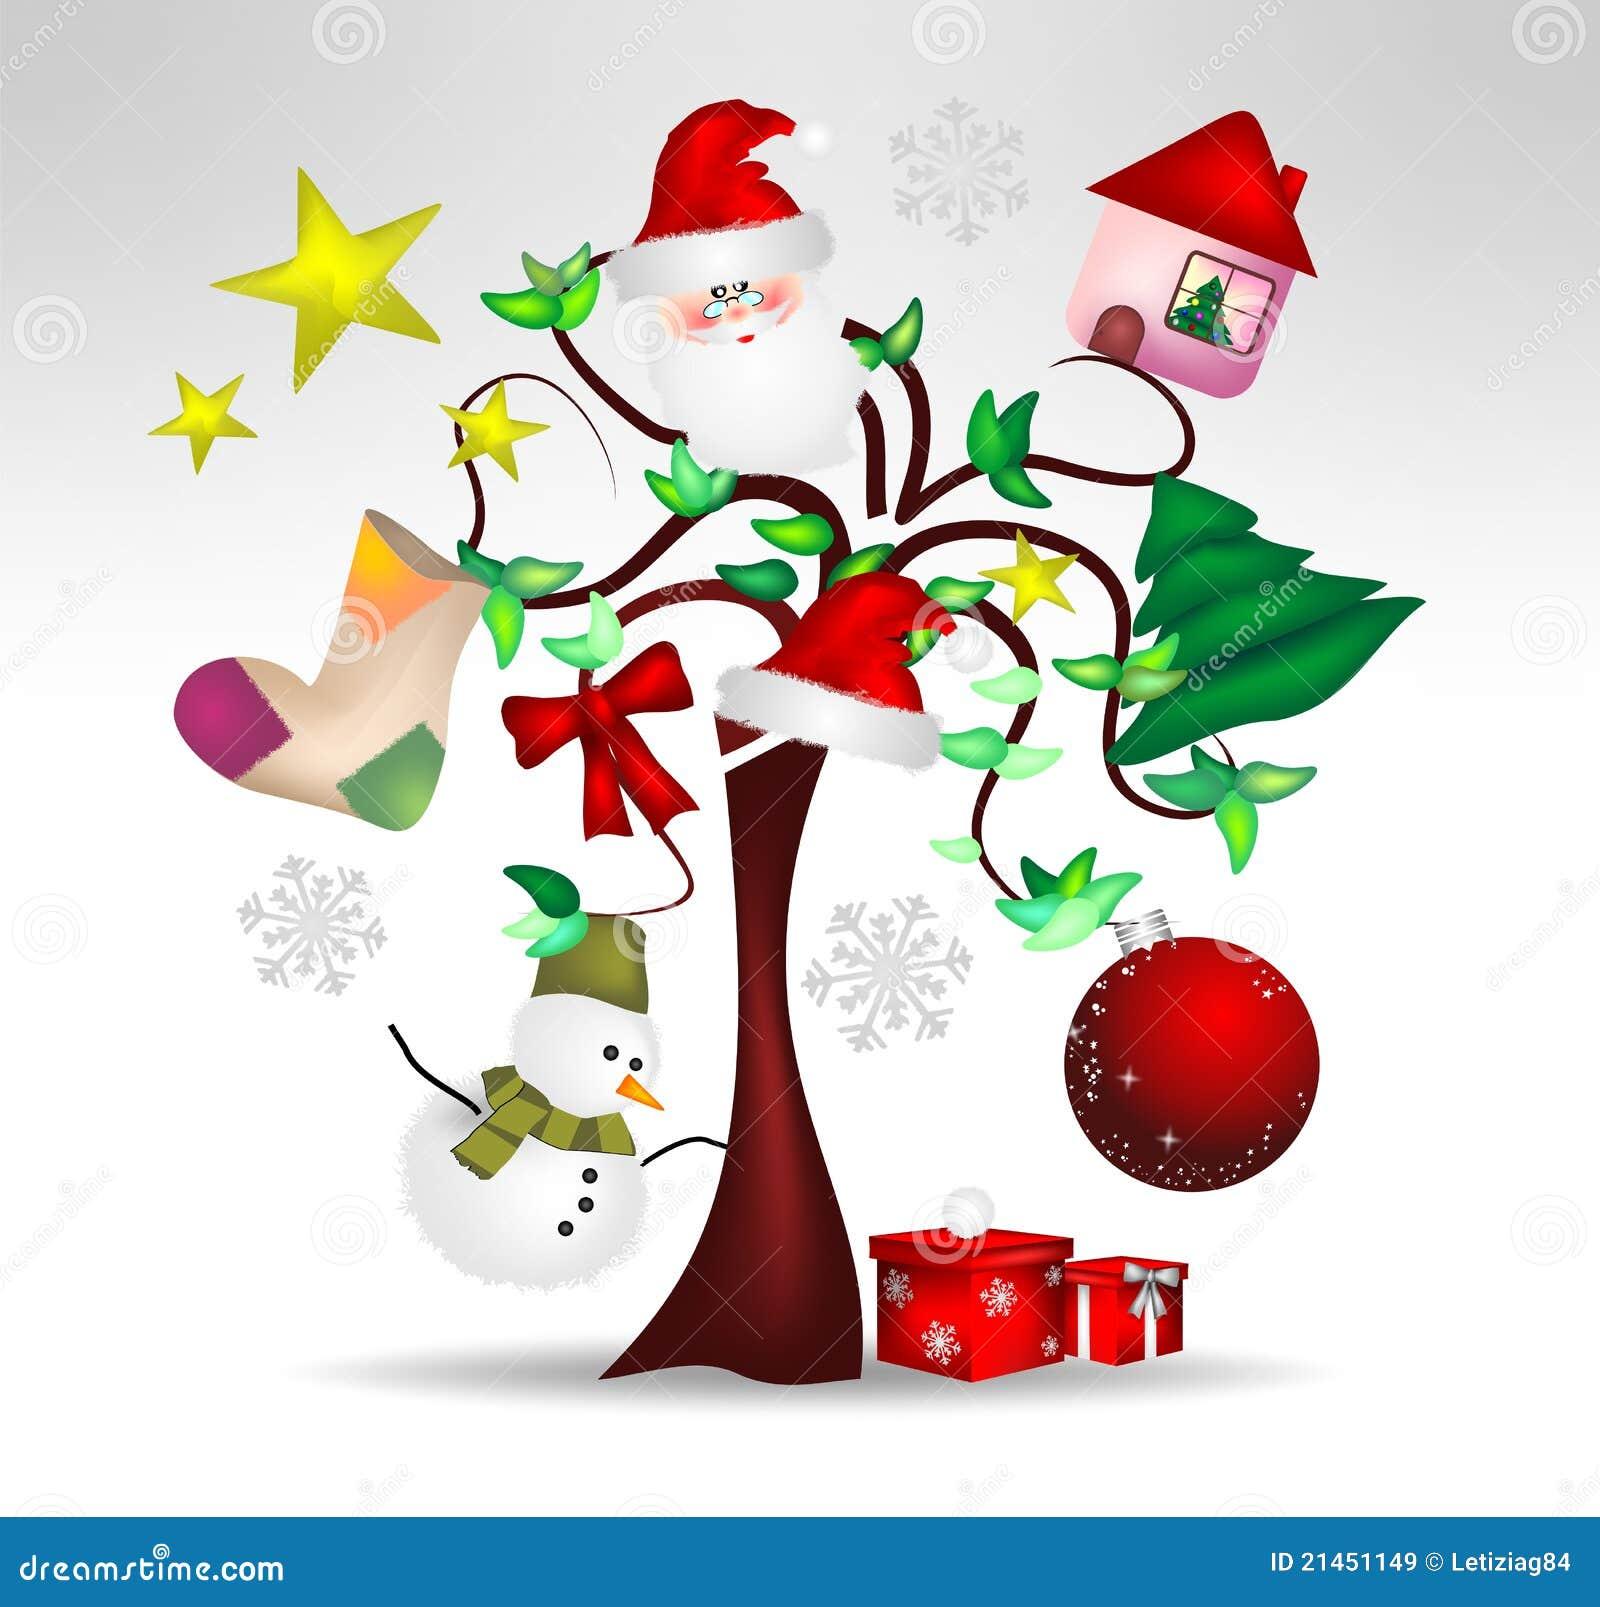 Decoraciones del rbol de navidad y agradable originales for Fotos decoracion navidad